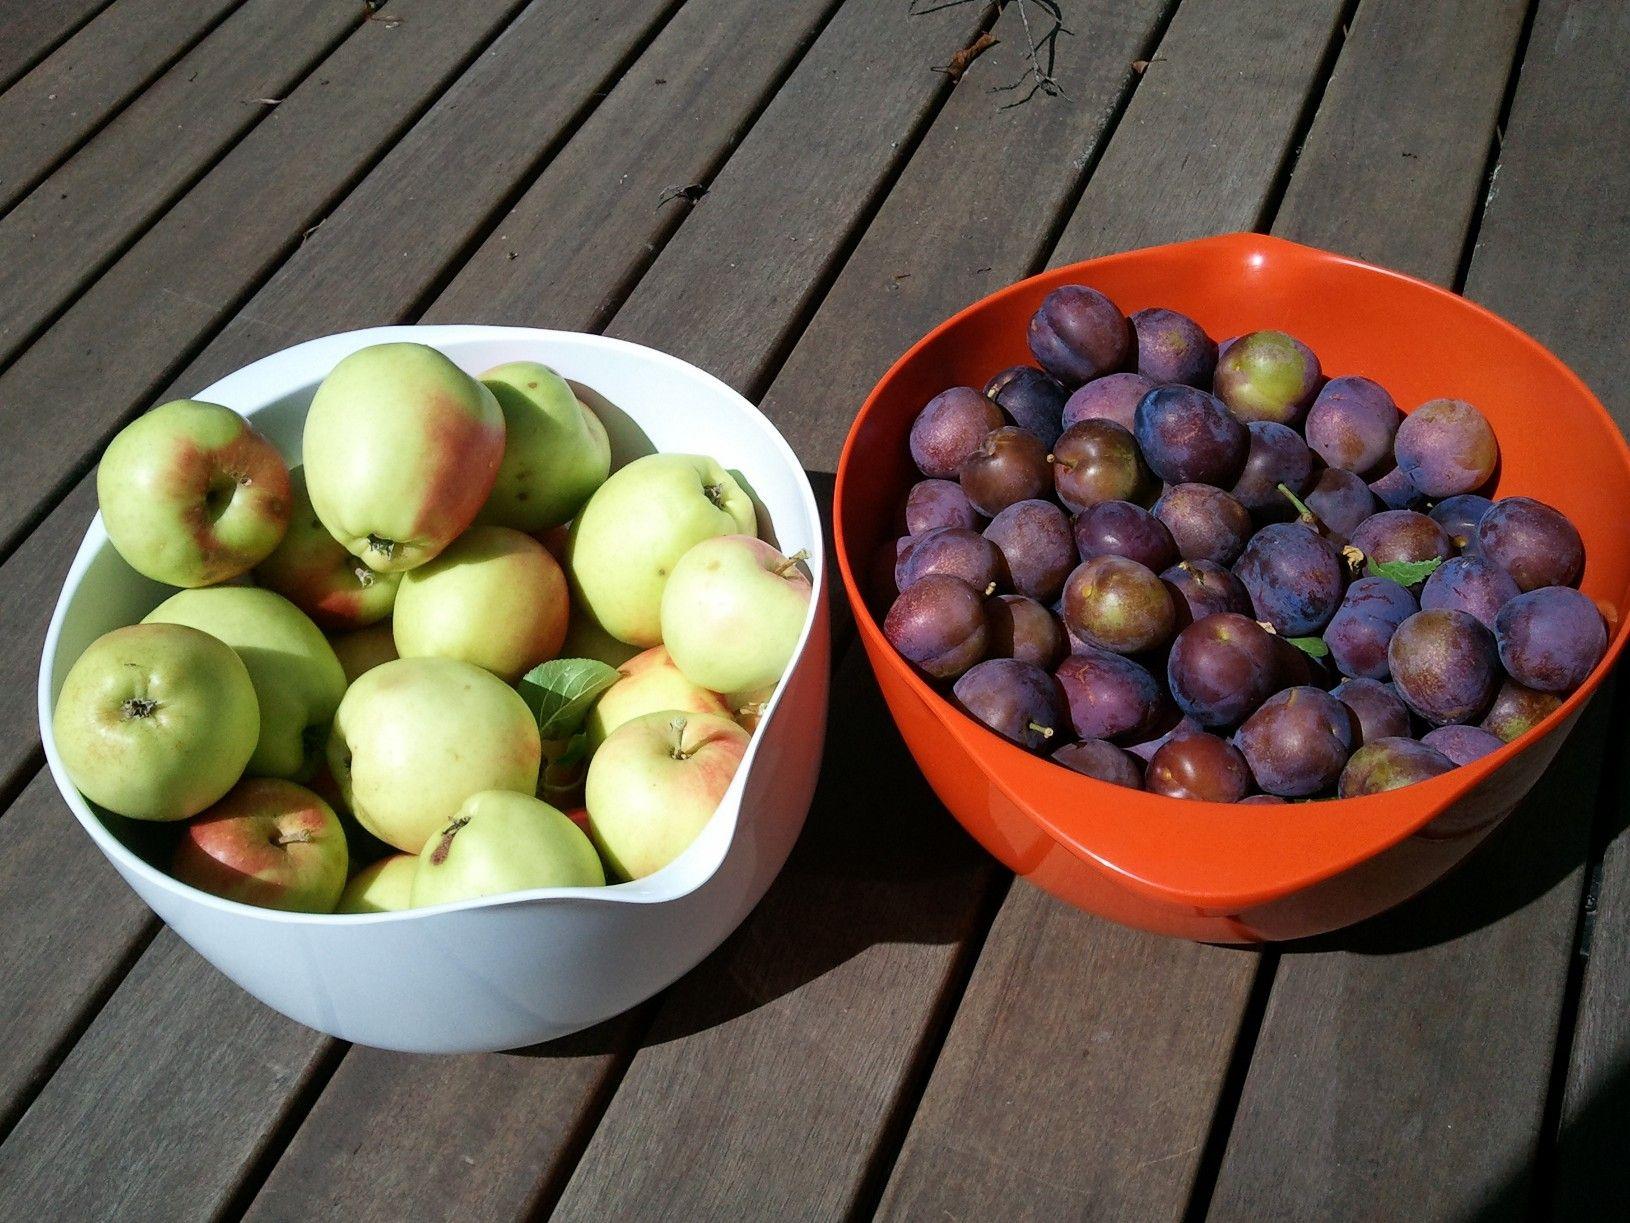 Our garden bounty